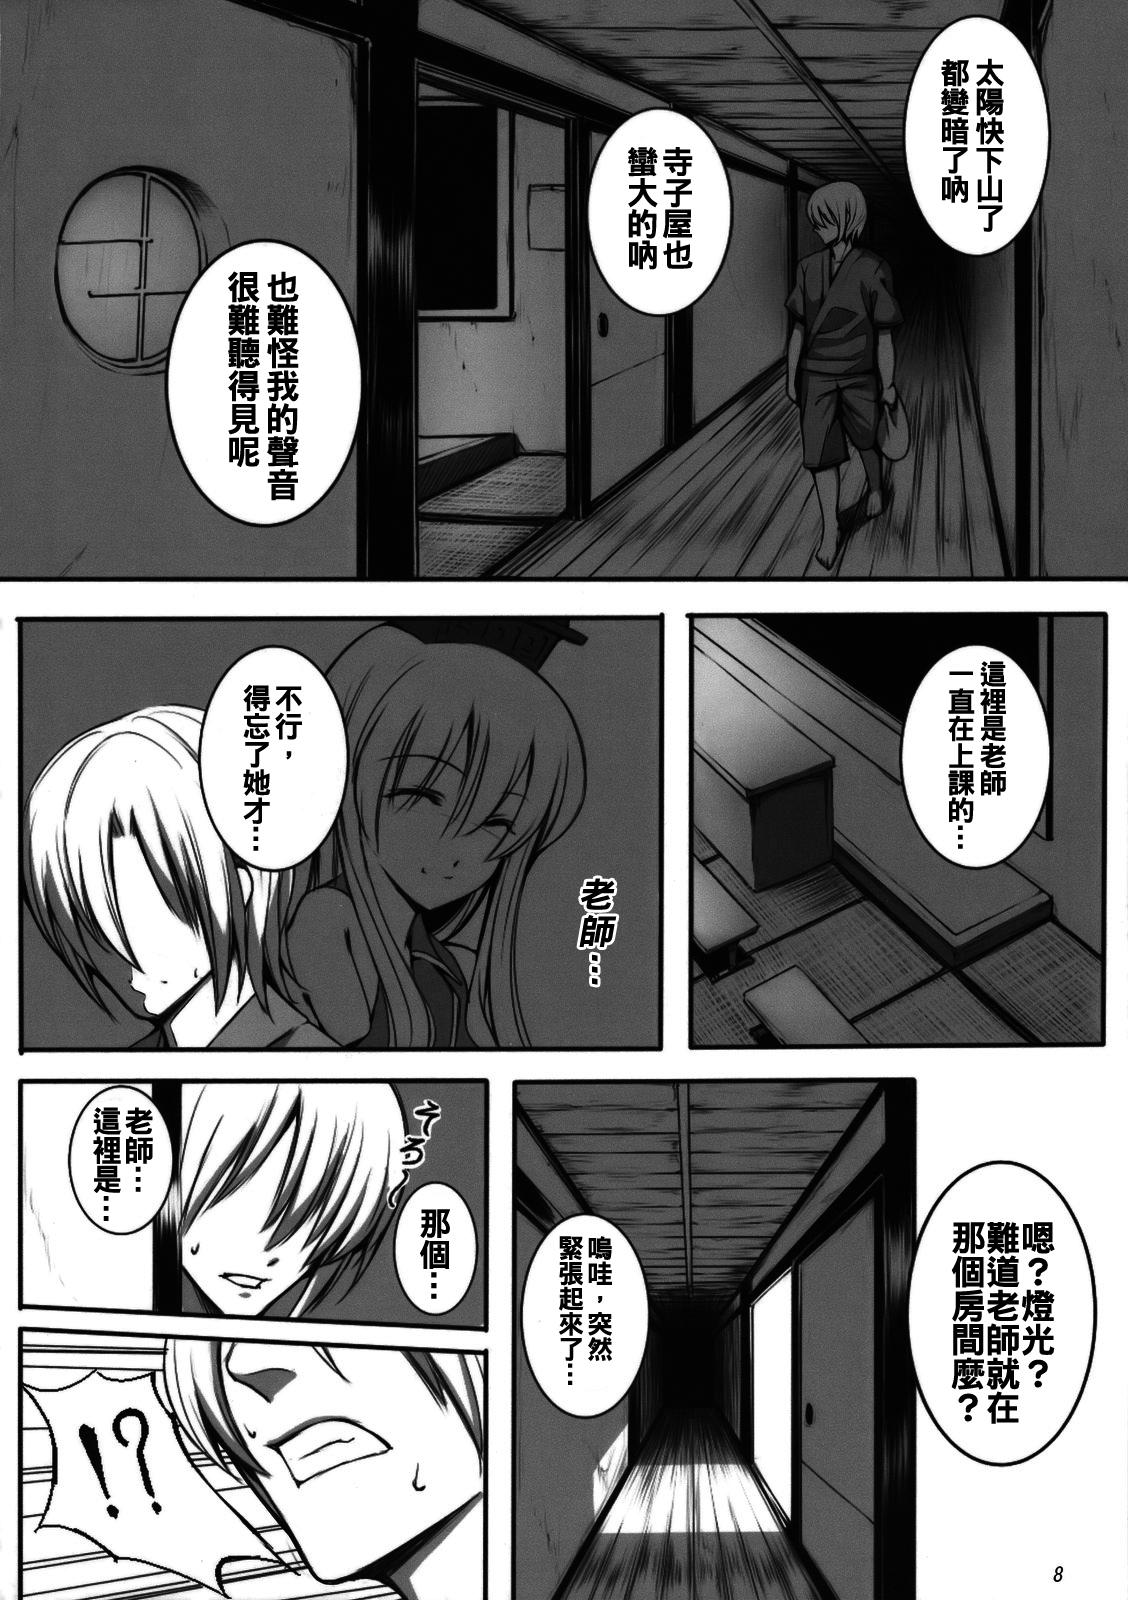 Kanojo no Himitsu 8